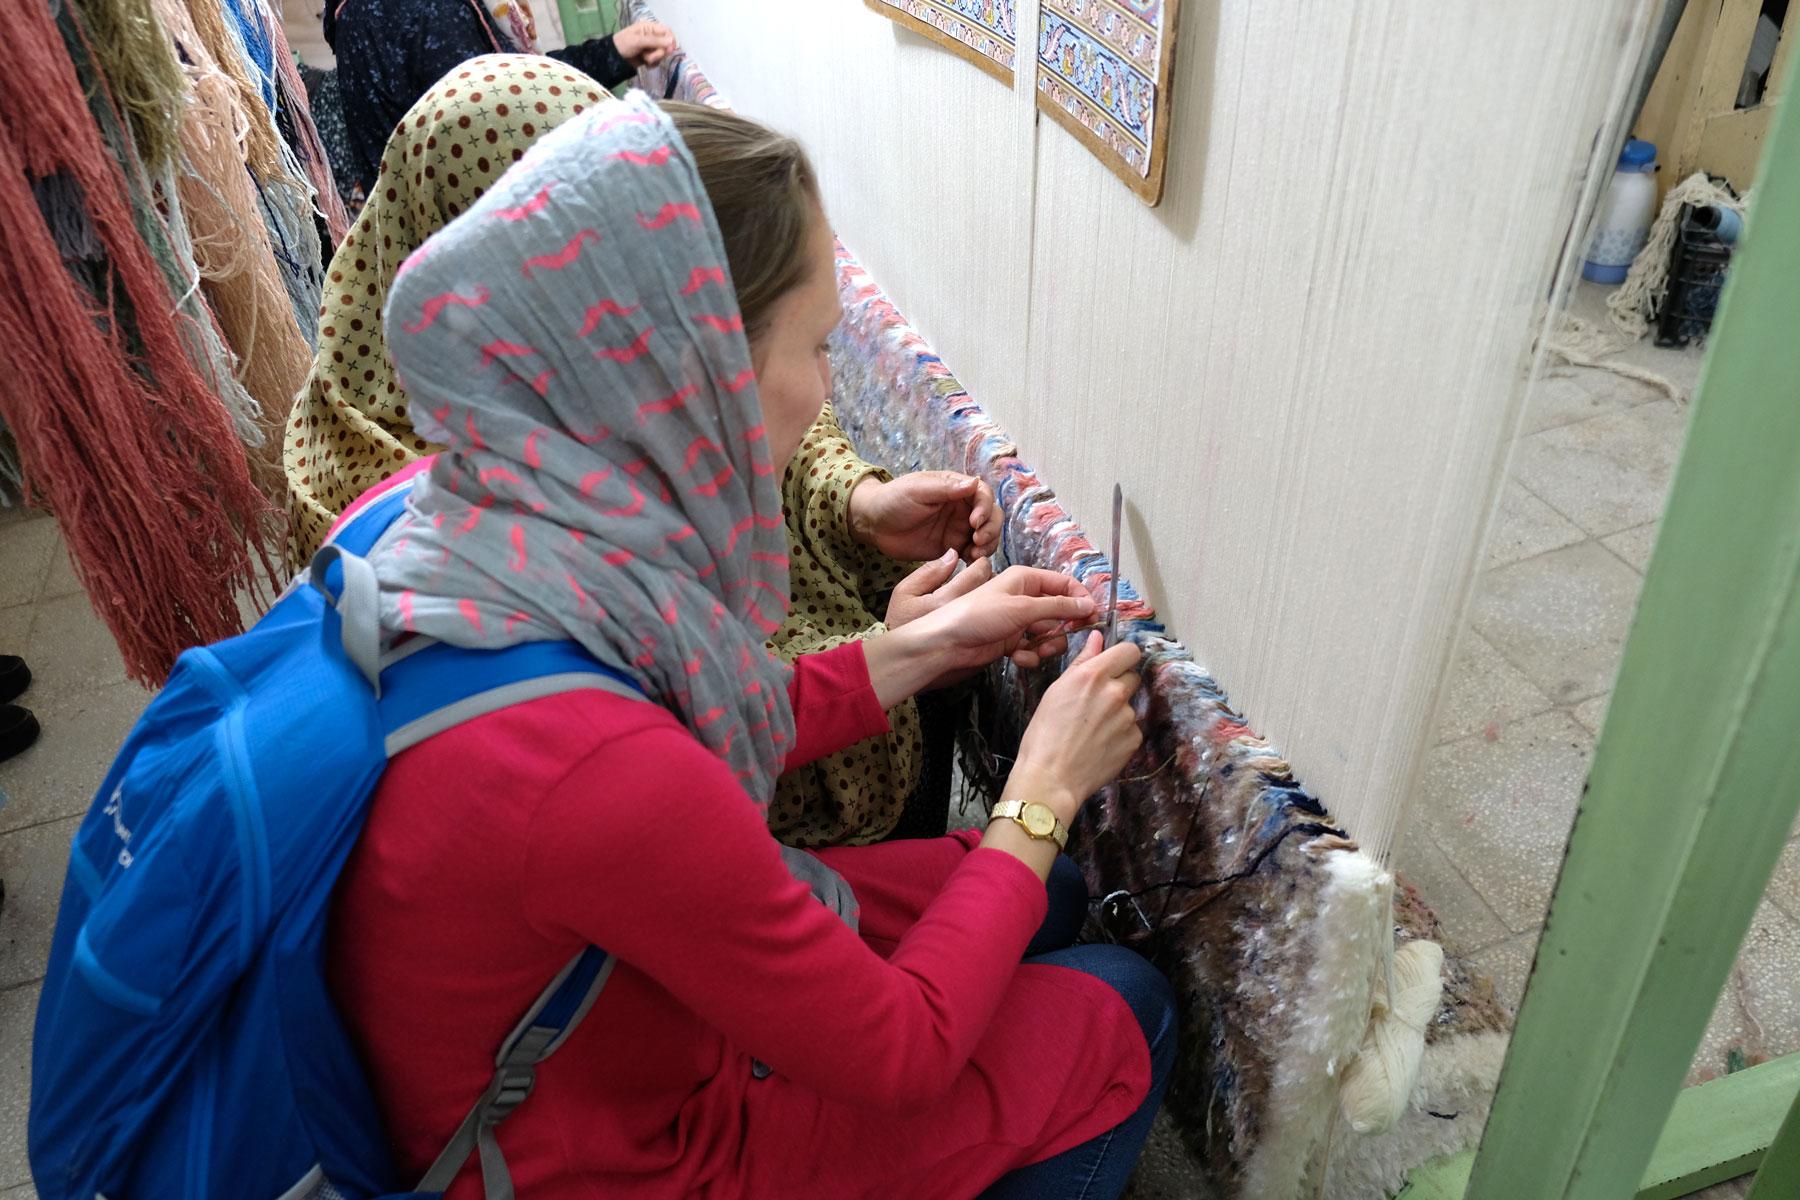 Zufällig landen wir in einer traditionellen Teppicknüpferei. Leo darf sich an der Handwerkskunst versuchen - mit Erfolg!